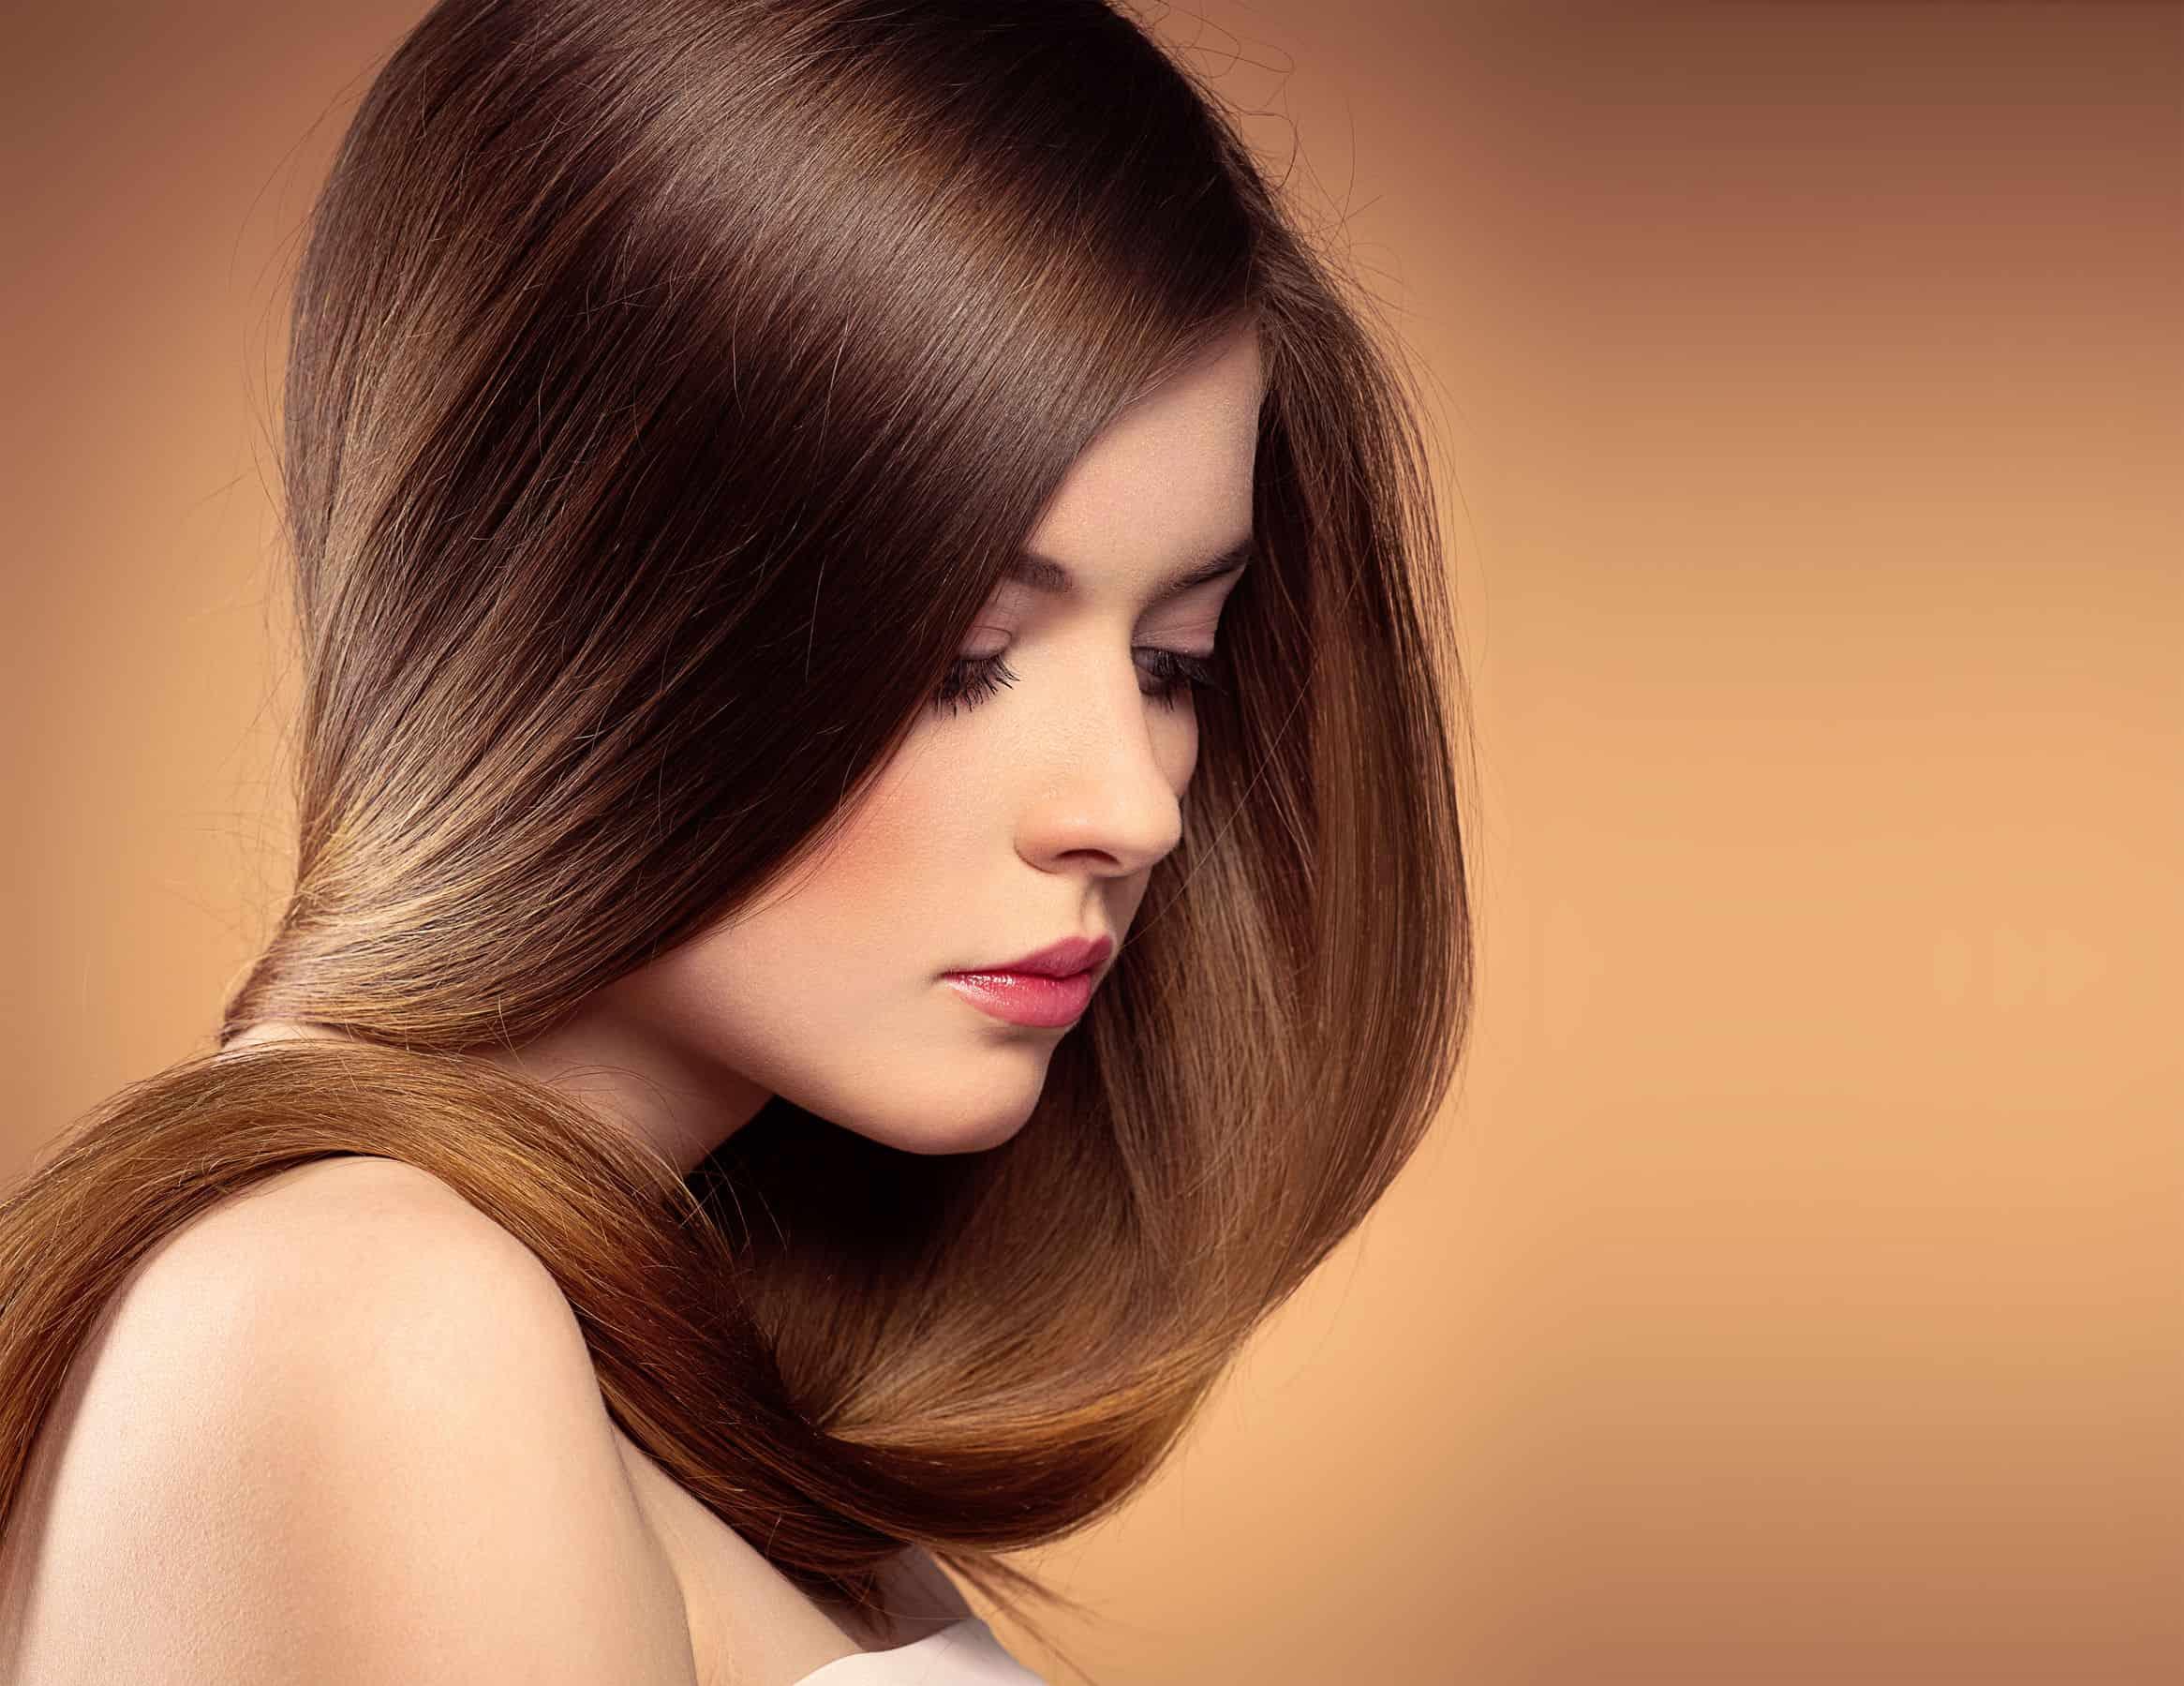 Pelucas de cabello natural: ¿Cuáles son las mejores del 2020?